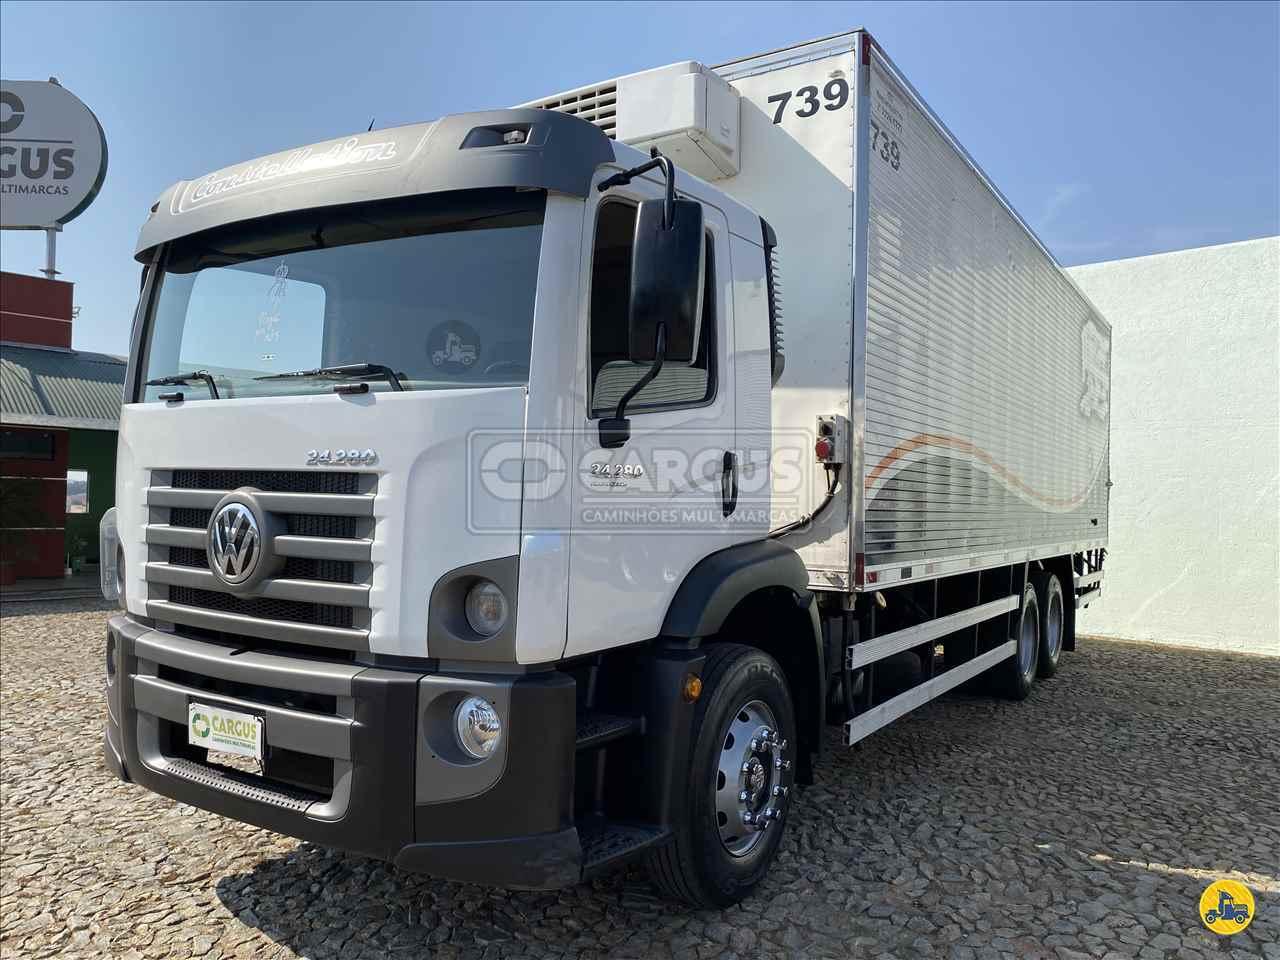 CAMINHAO VOLKSWAGEN VW 24280 Baú Frigorífico Truck 6x2 Cargus Veículos PARA DE MINAS MINAS GERAIS MG